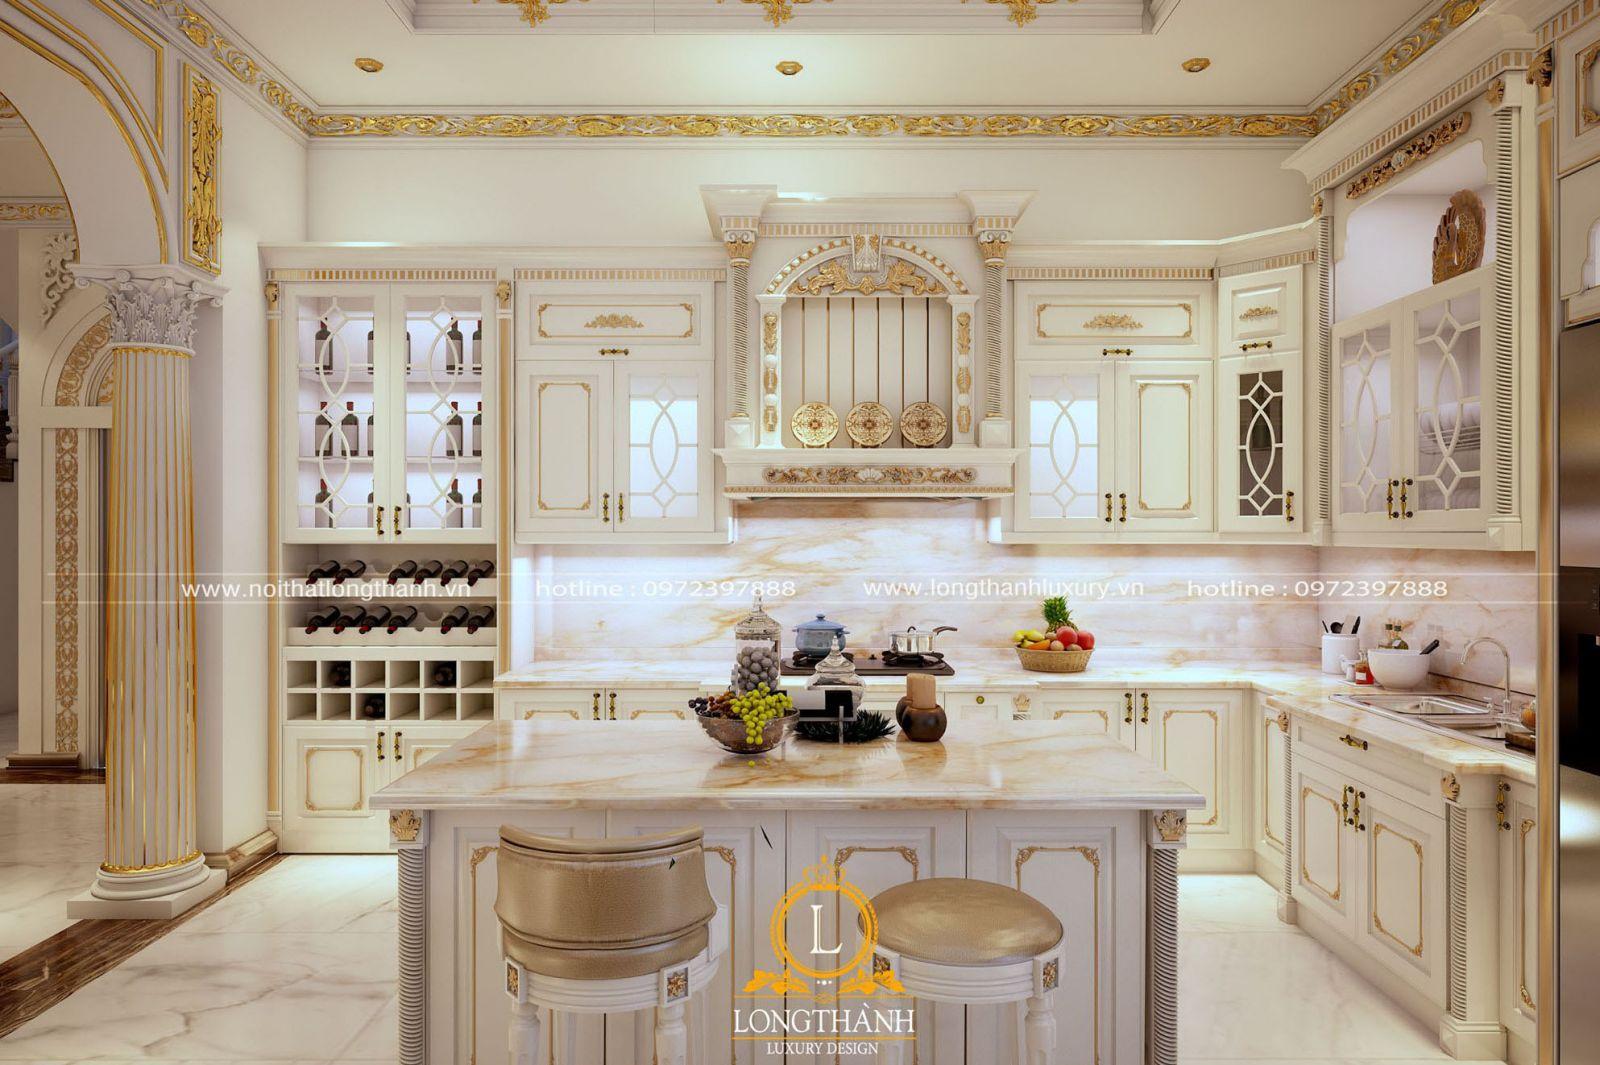 Thiết kế tủ bếp kết hợp tủ rượu cho nhà biệt thự phong cách tân cổ điển sơn trắng